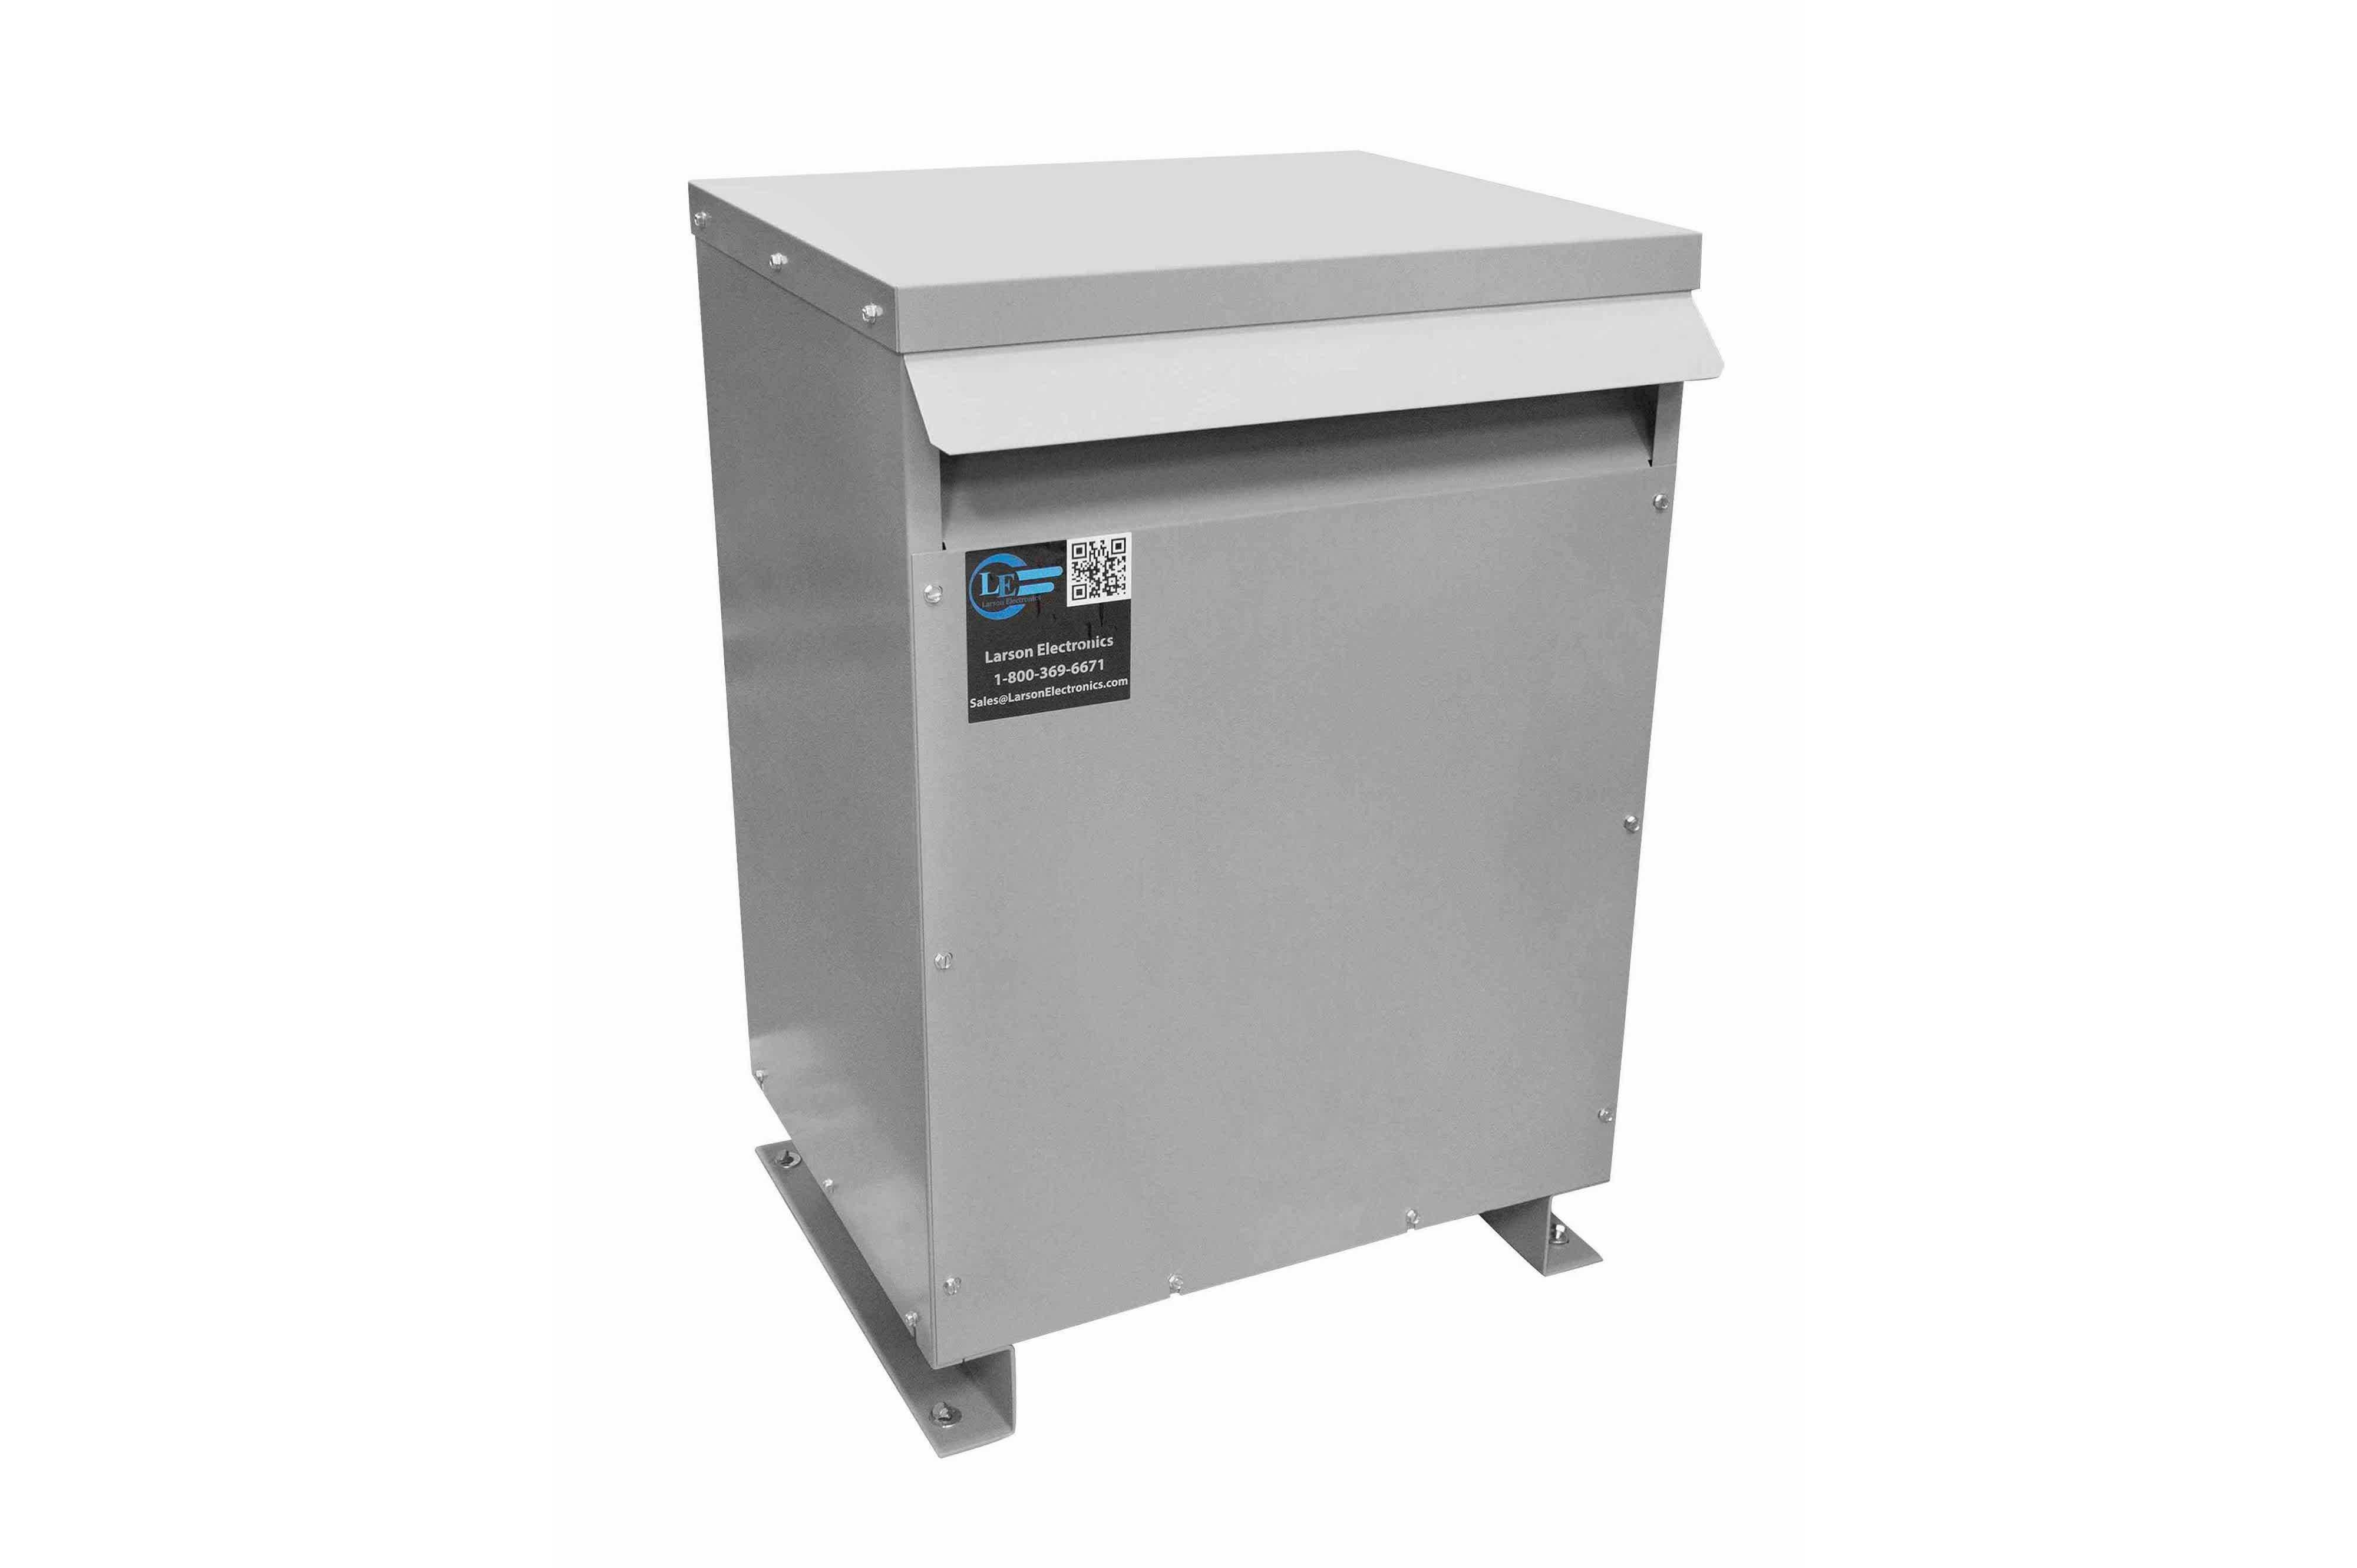 500 kVA 3PH Isolation Transformer, 240V Delta Primary, 415V Delta Secondary, N3R, Ventilated, 60 Hz